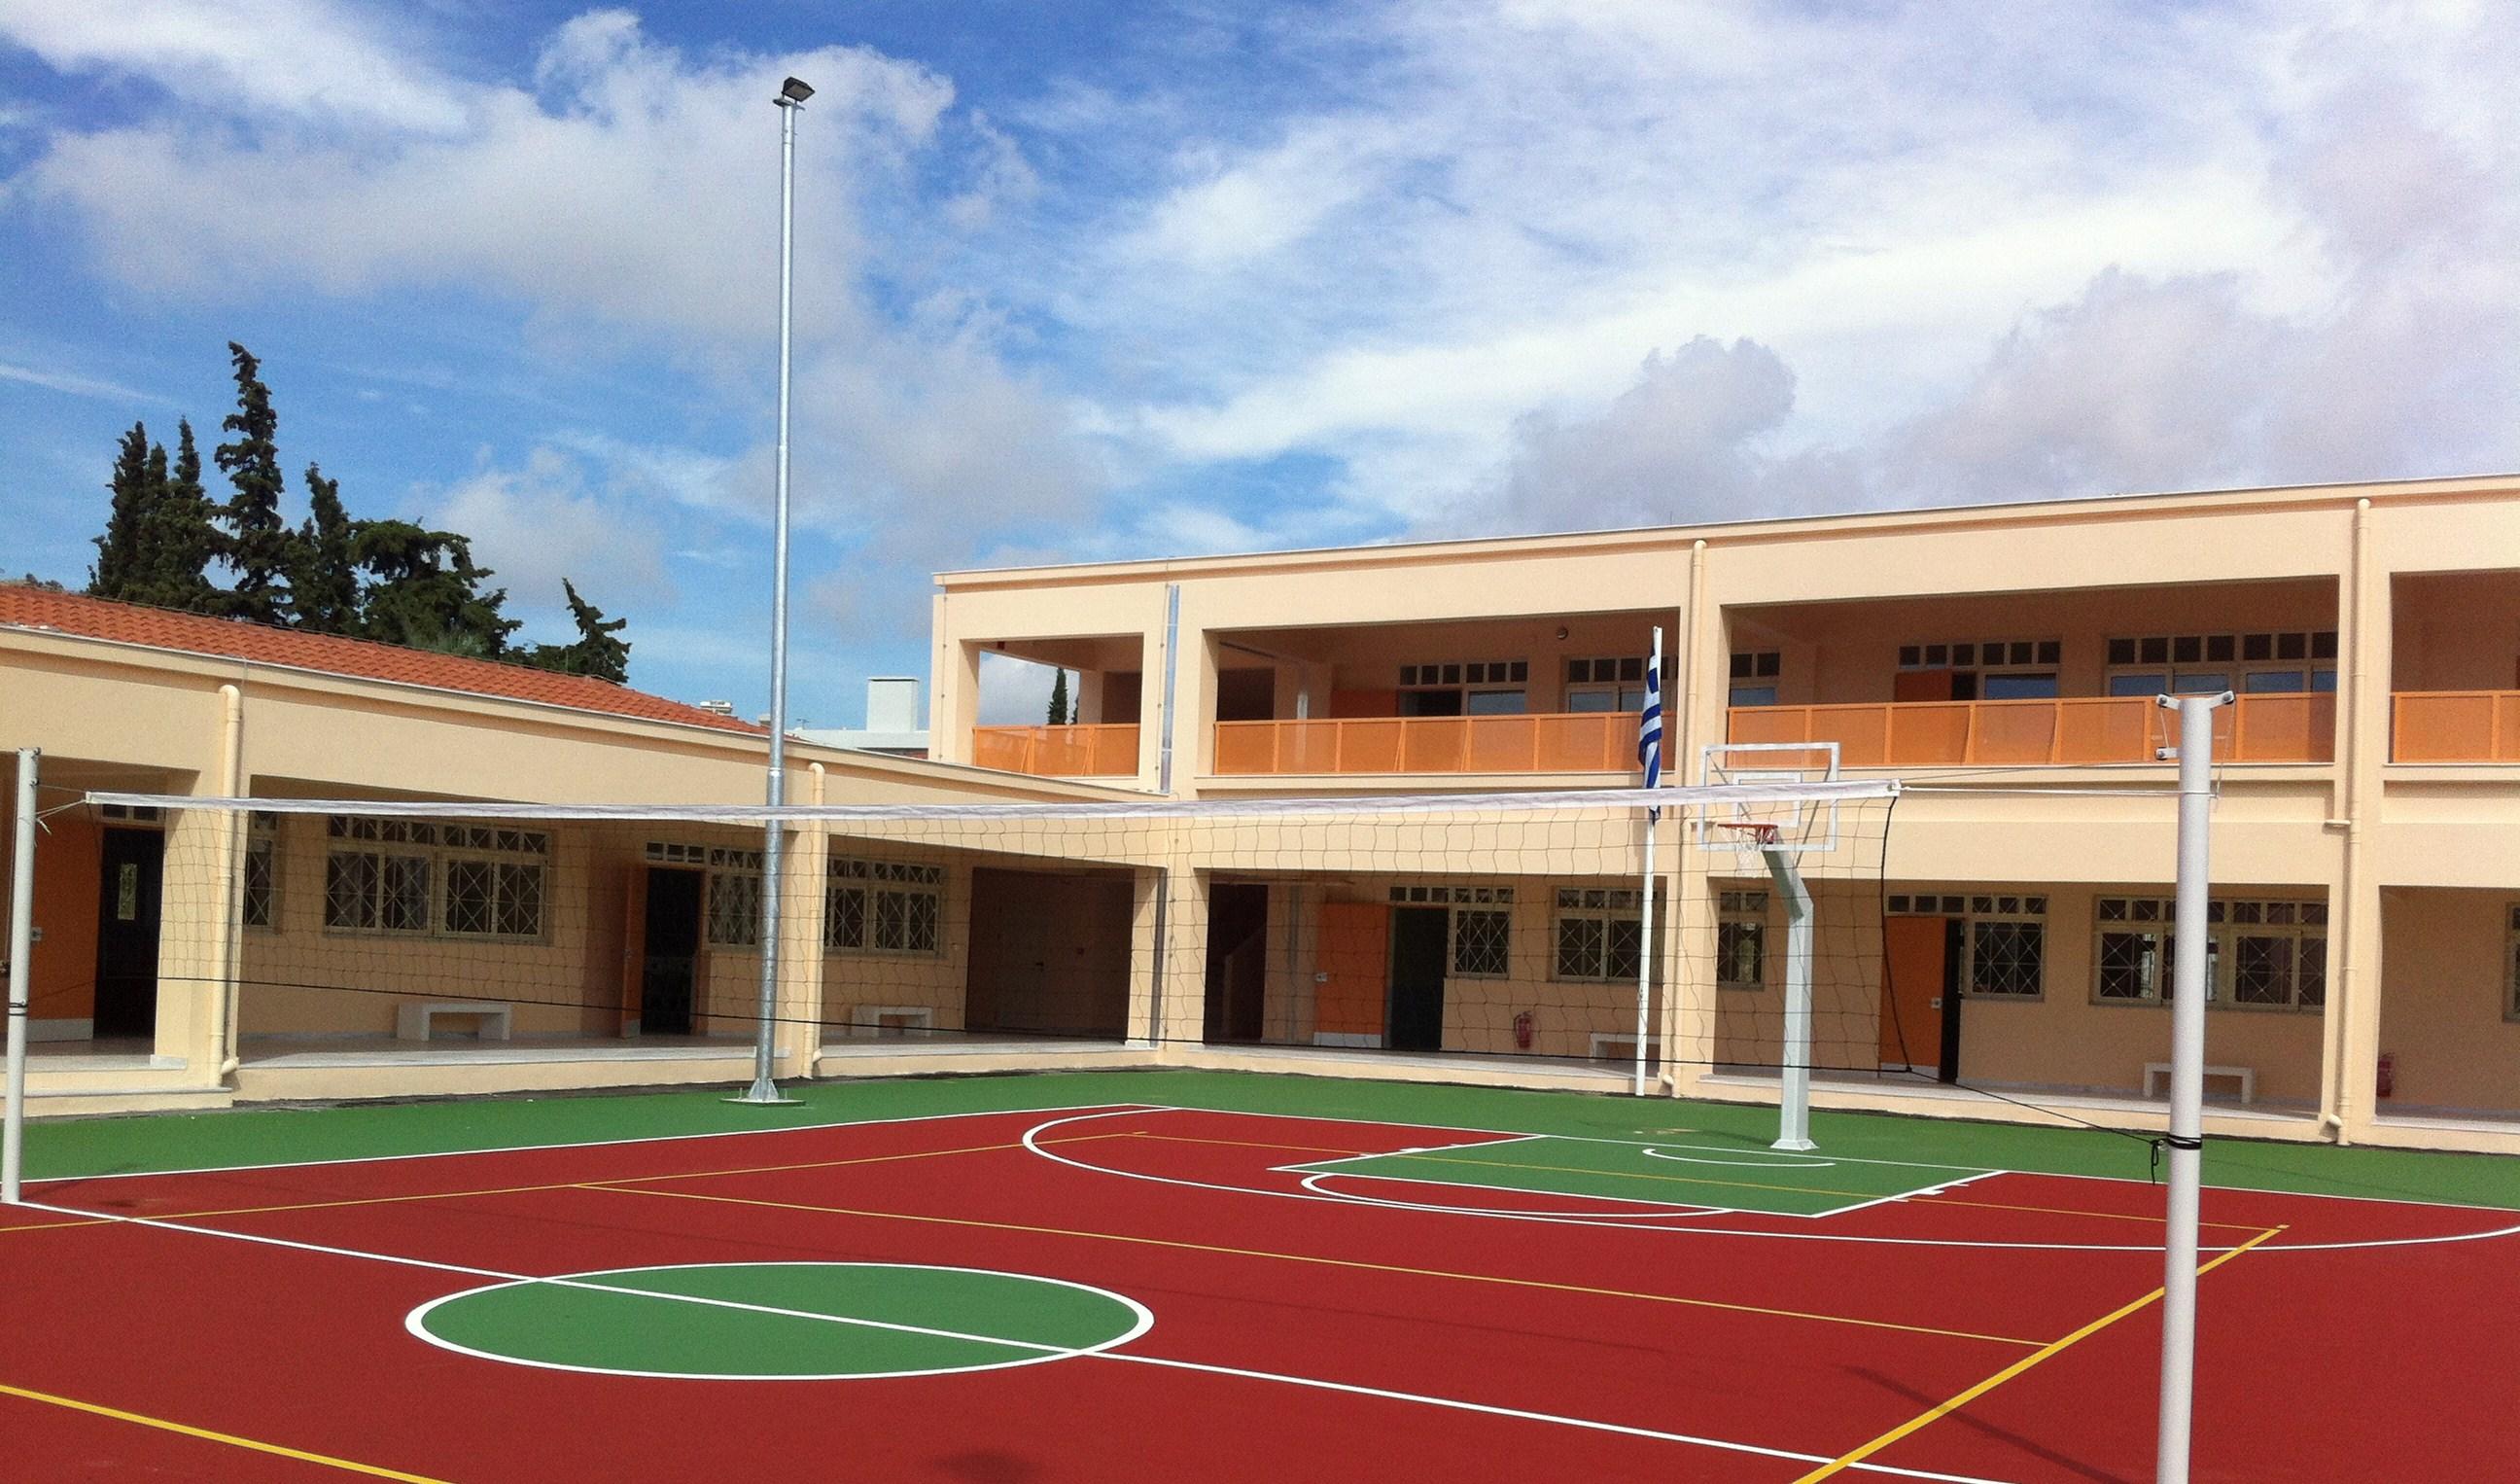 Νέα όρια για Νηπιαγωγεία και Δημοτικά Σχολεία σε Βάρη και Βούλα